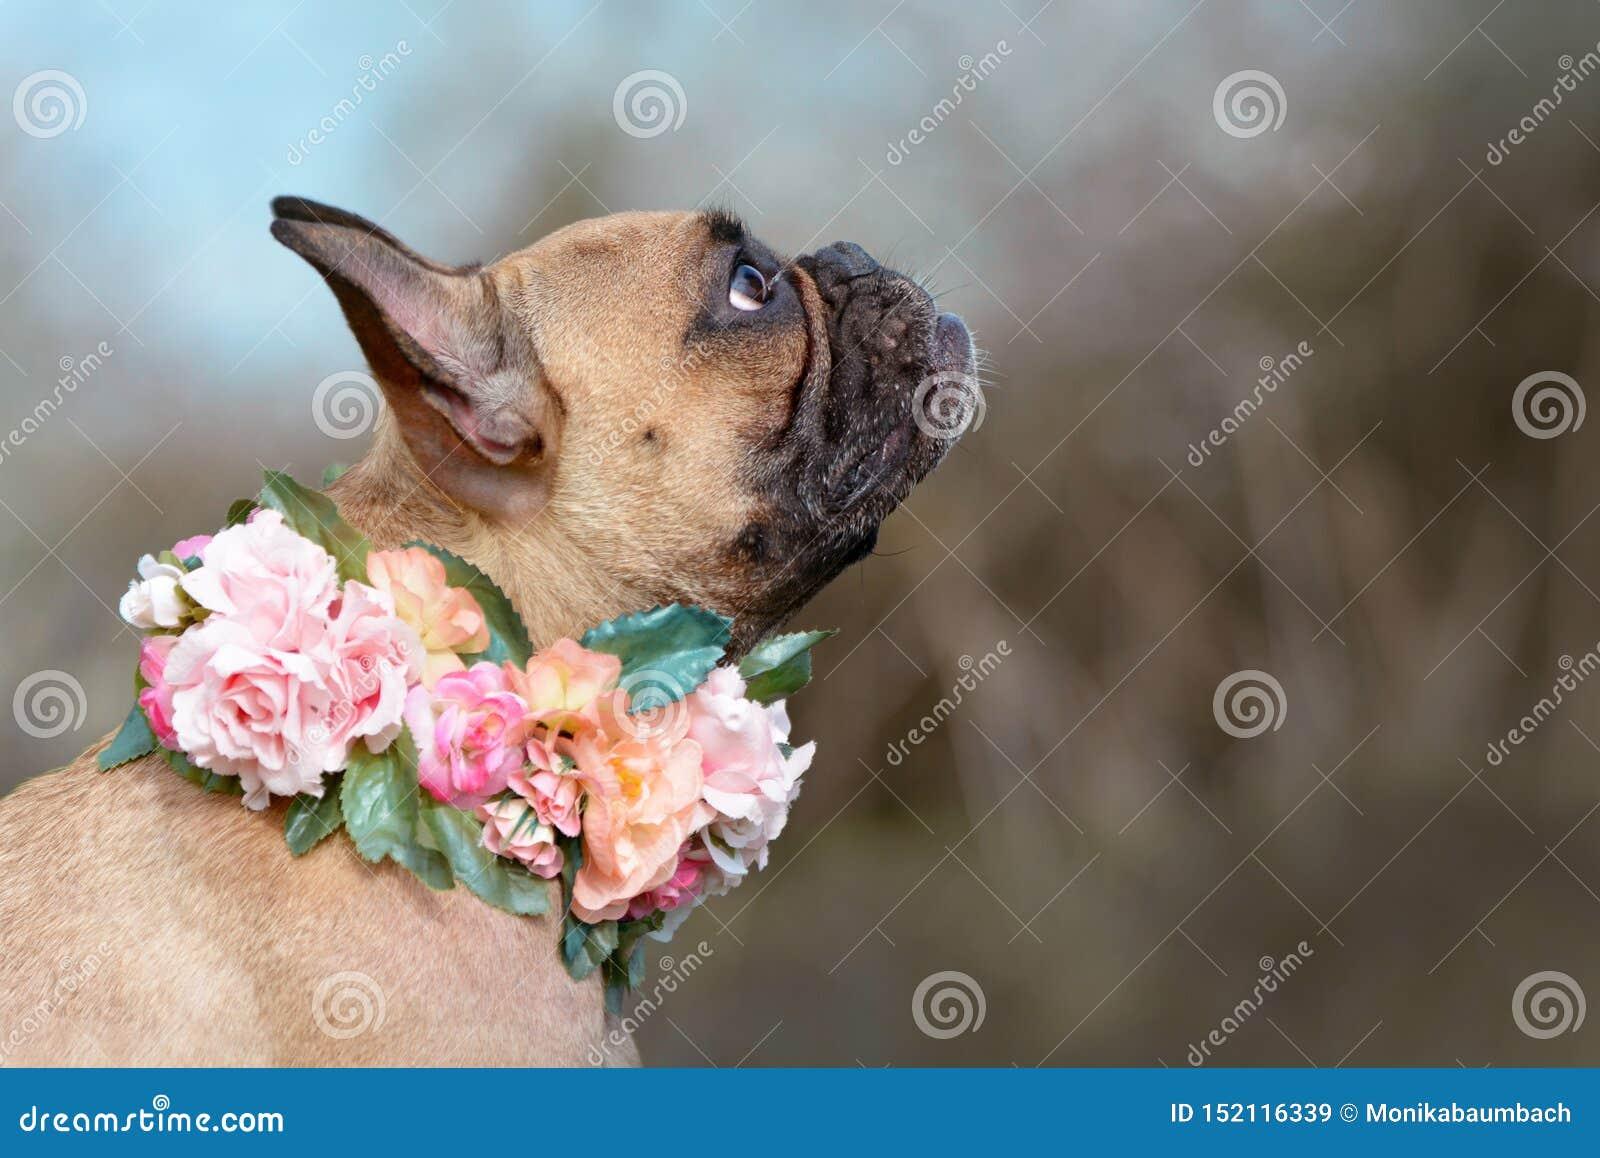 De mooie vrouwelijke hond van de fawn Franse die Buldog met een kraag van rozen en andere bloemen rond haar hals wordt gemaakt